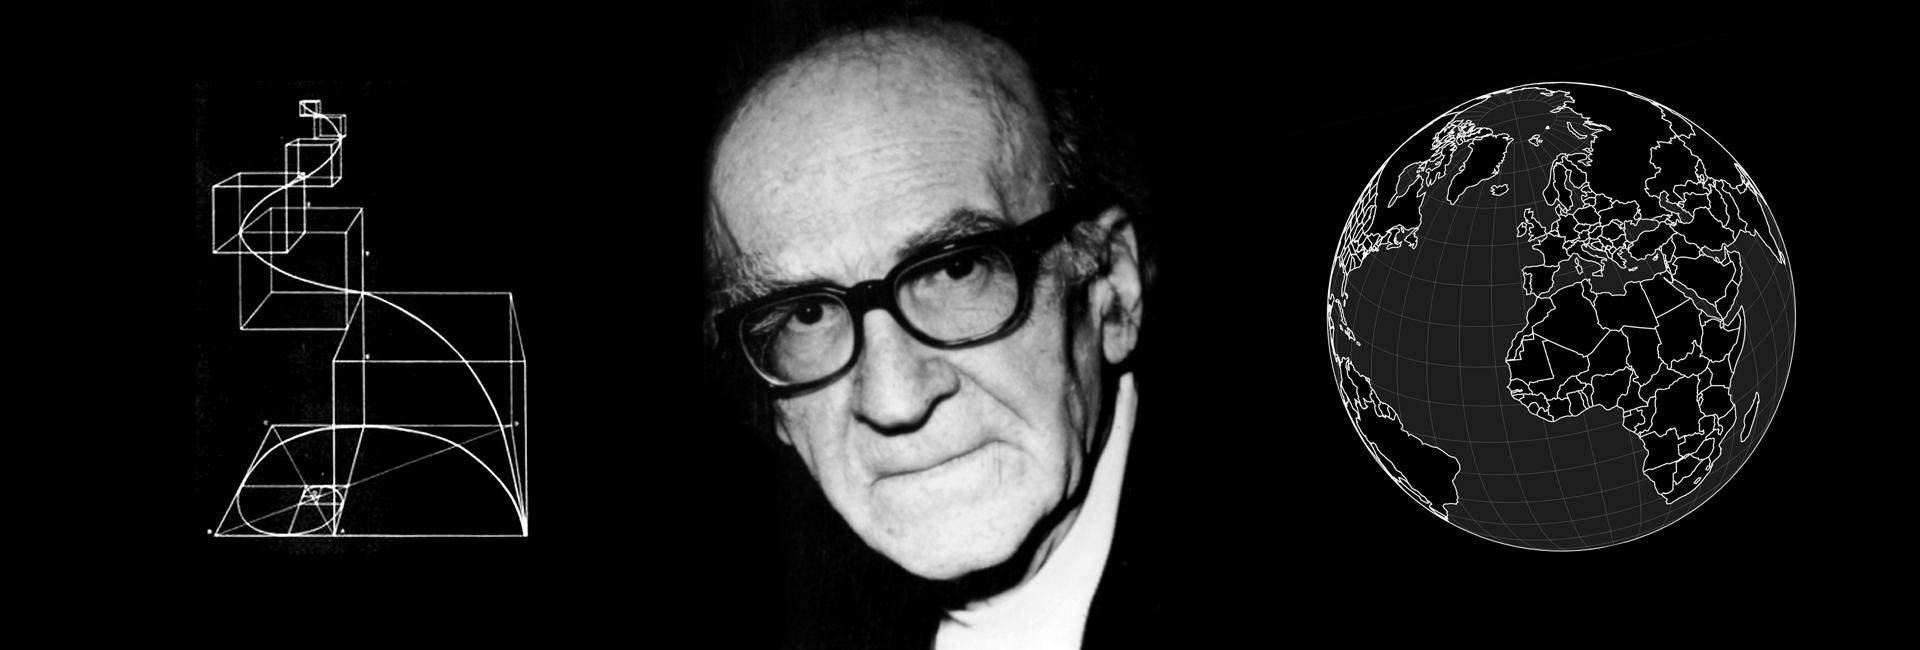 Mircea Eliade provincia străinătatea literatura slider